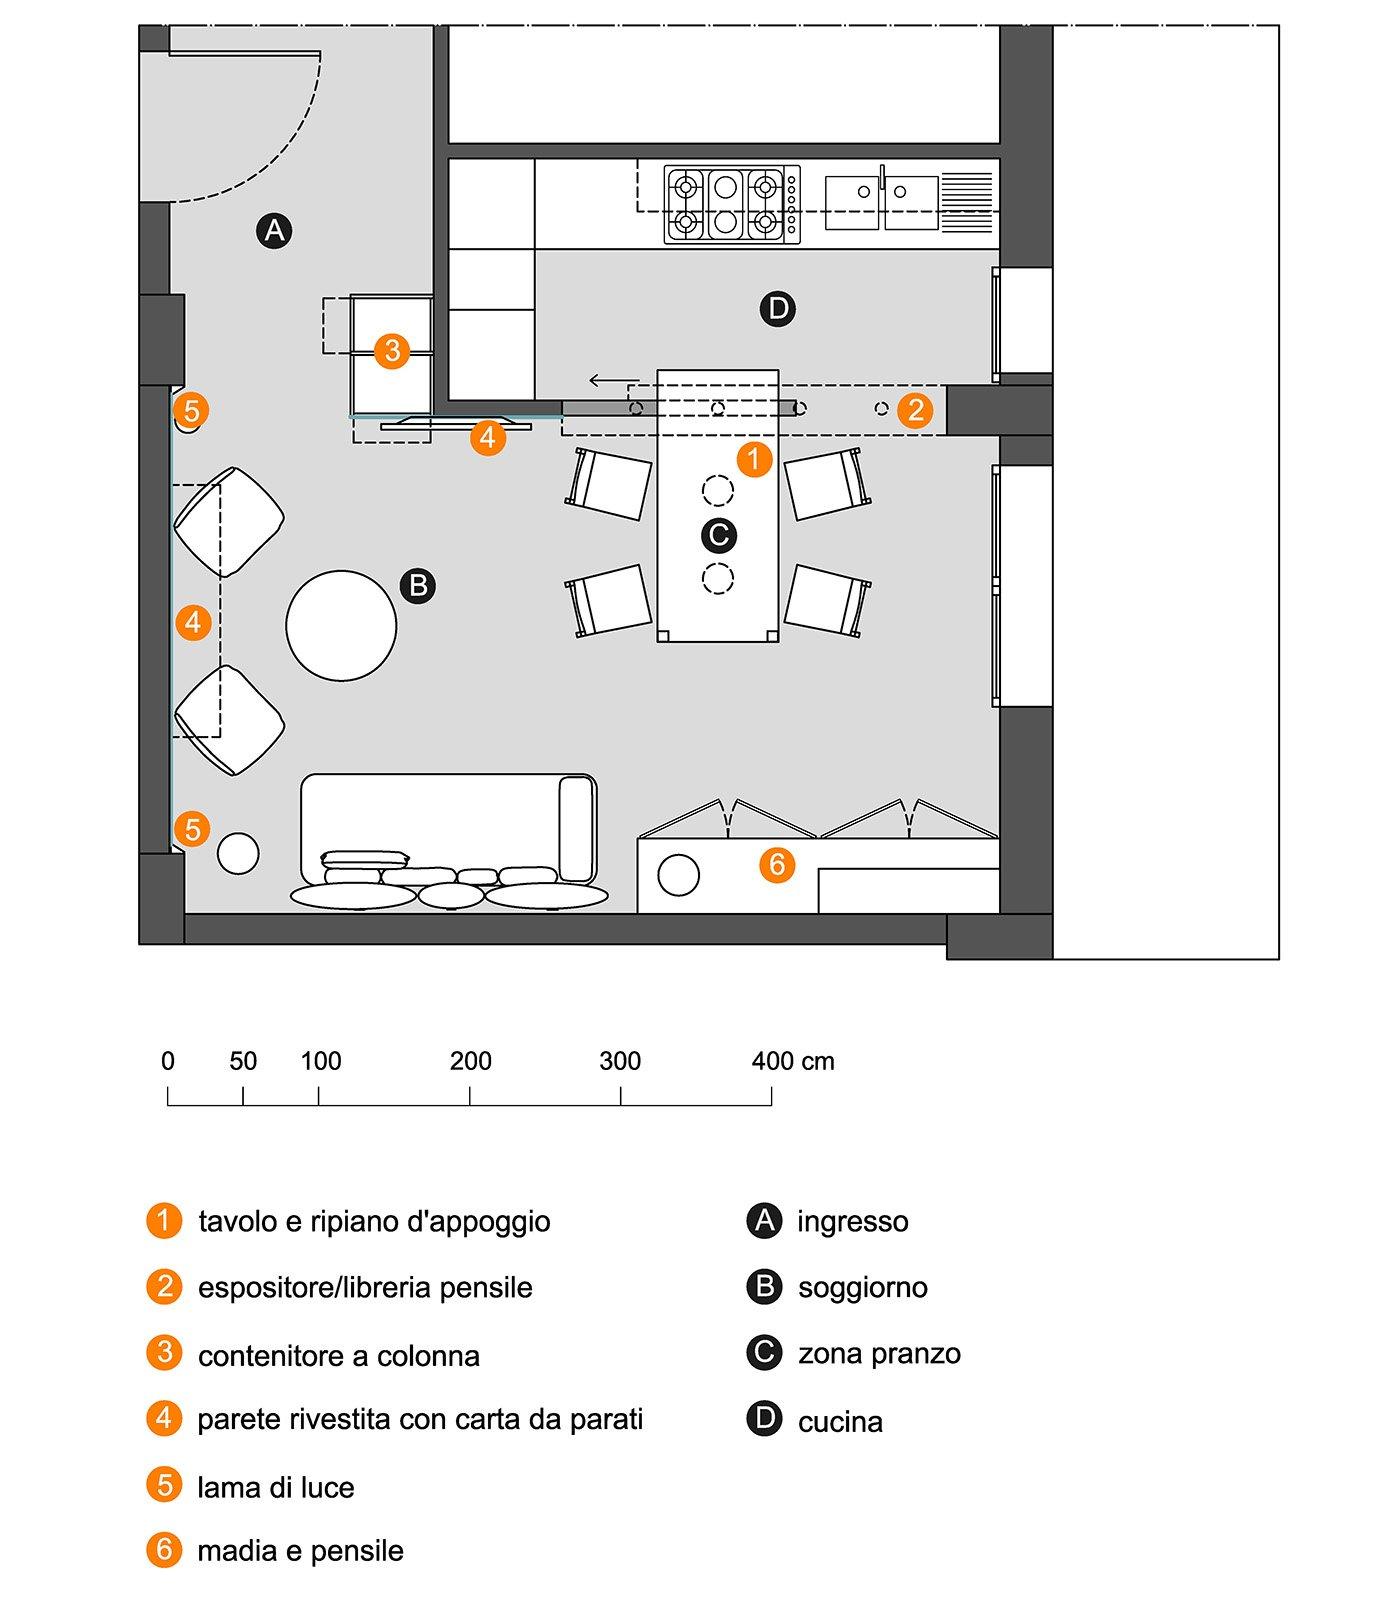 Arredare Il Soggiorno Zona Pranzo Con Cucina A Vista Cose Di Casa #C85F03 1393 1600 Arredare Soggiorno Cucina A Vista